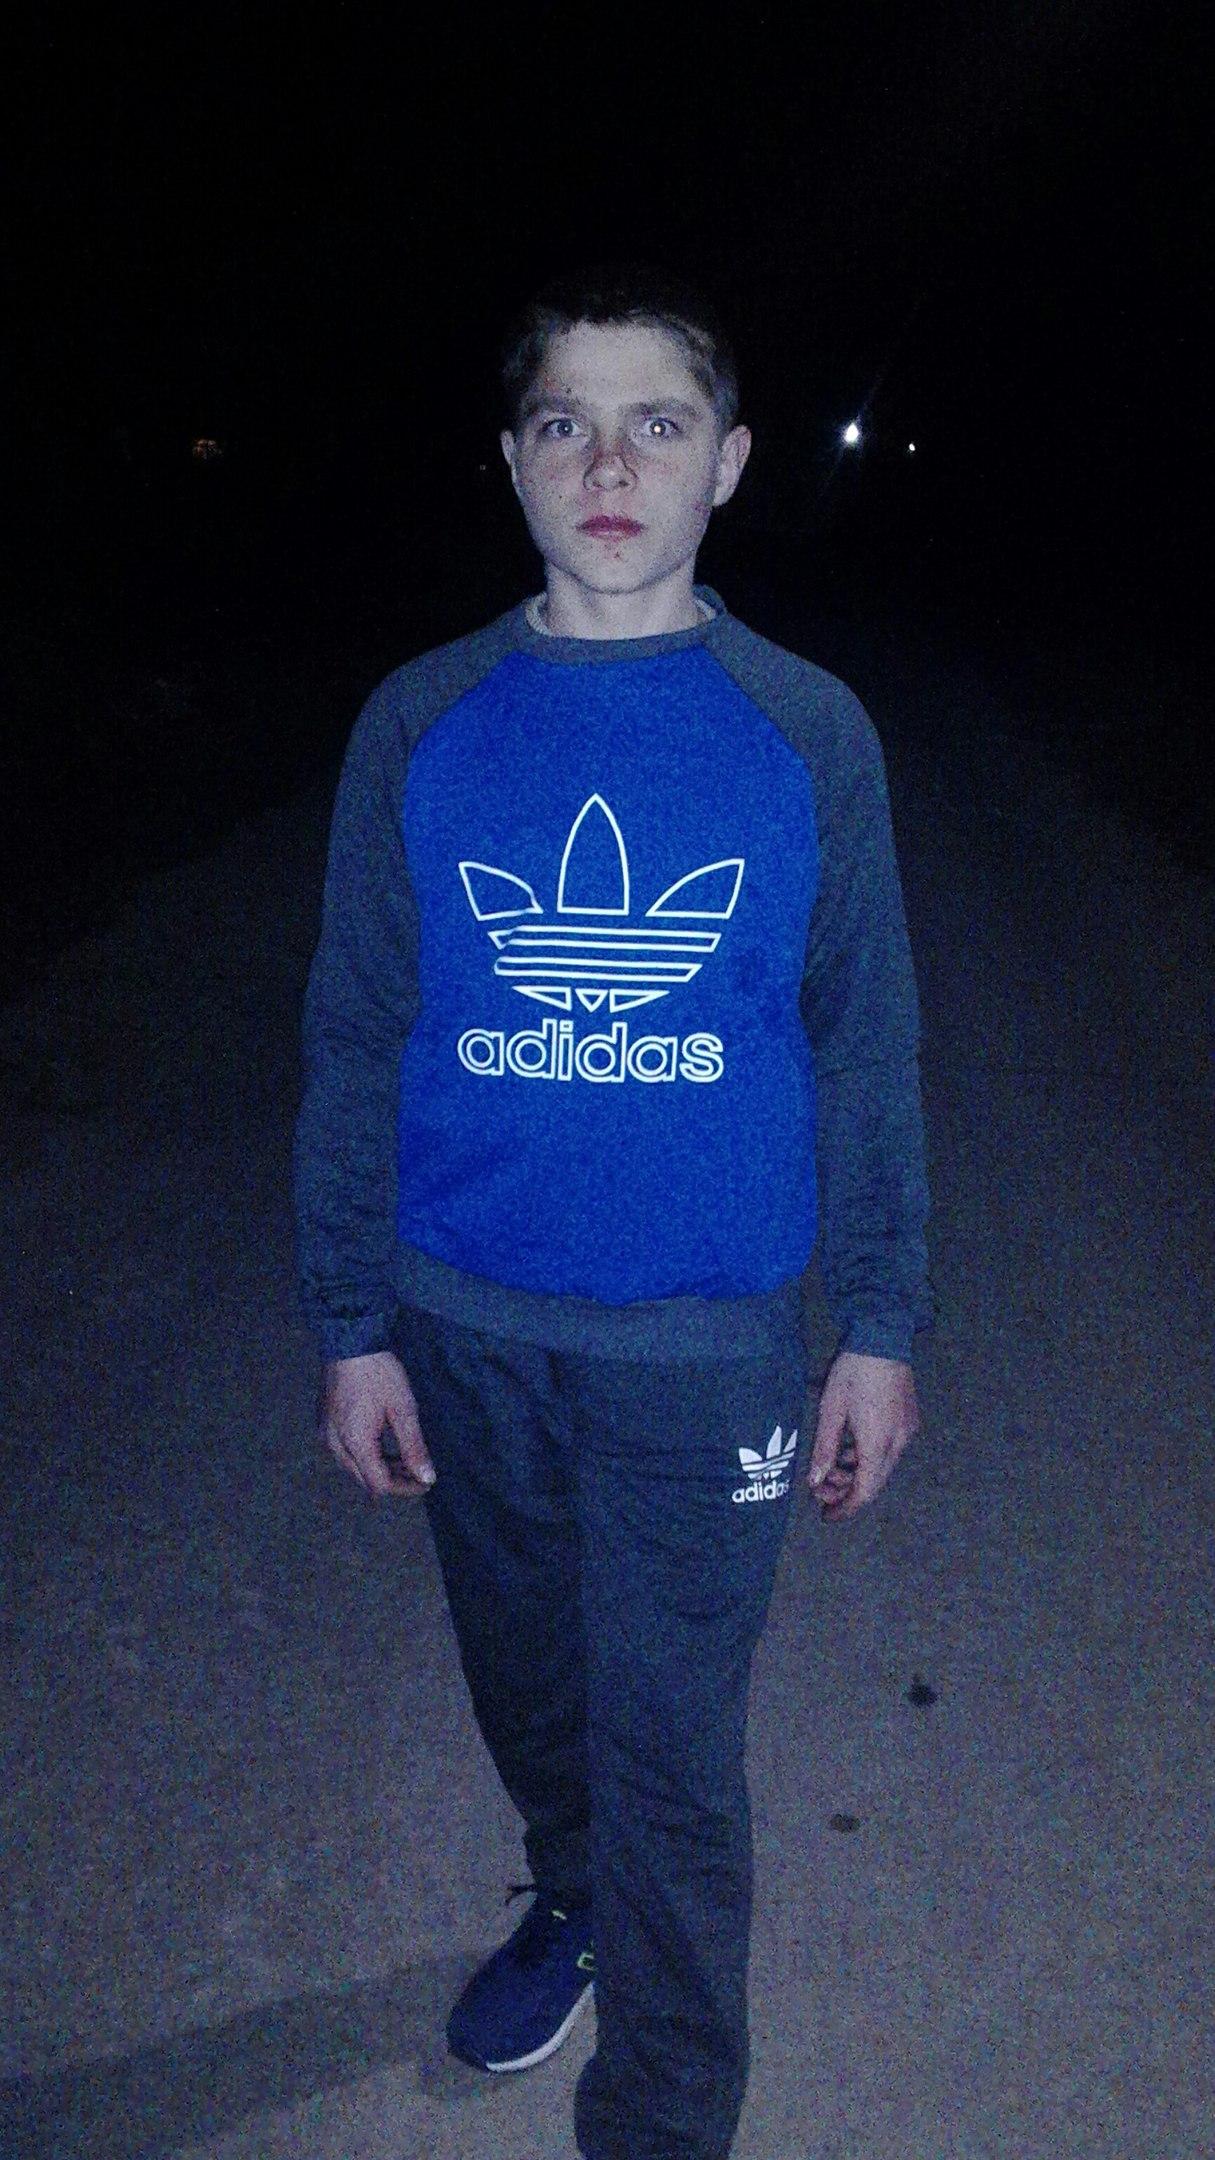 Volodimir, 16, Великие Крынки